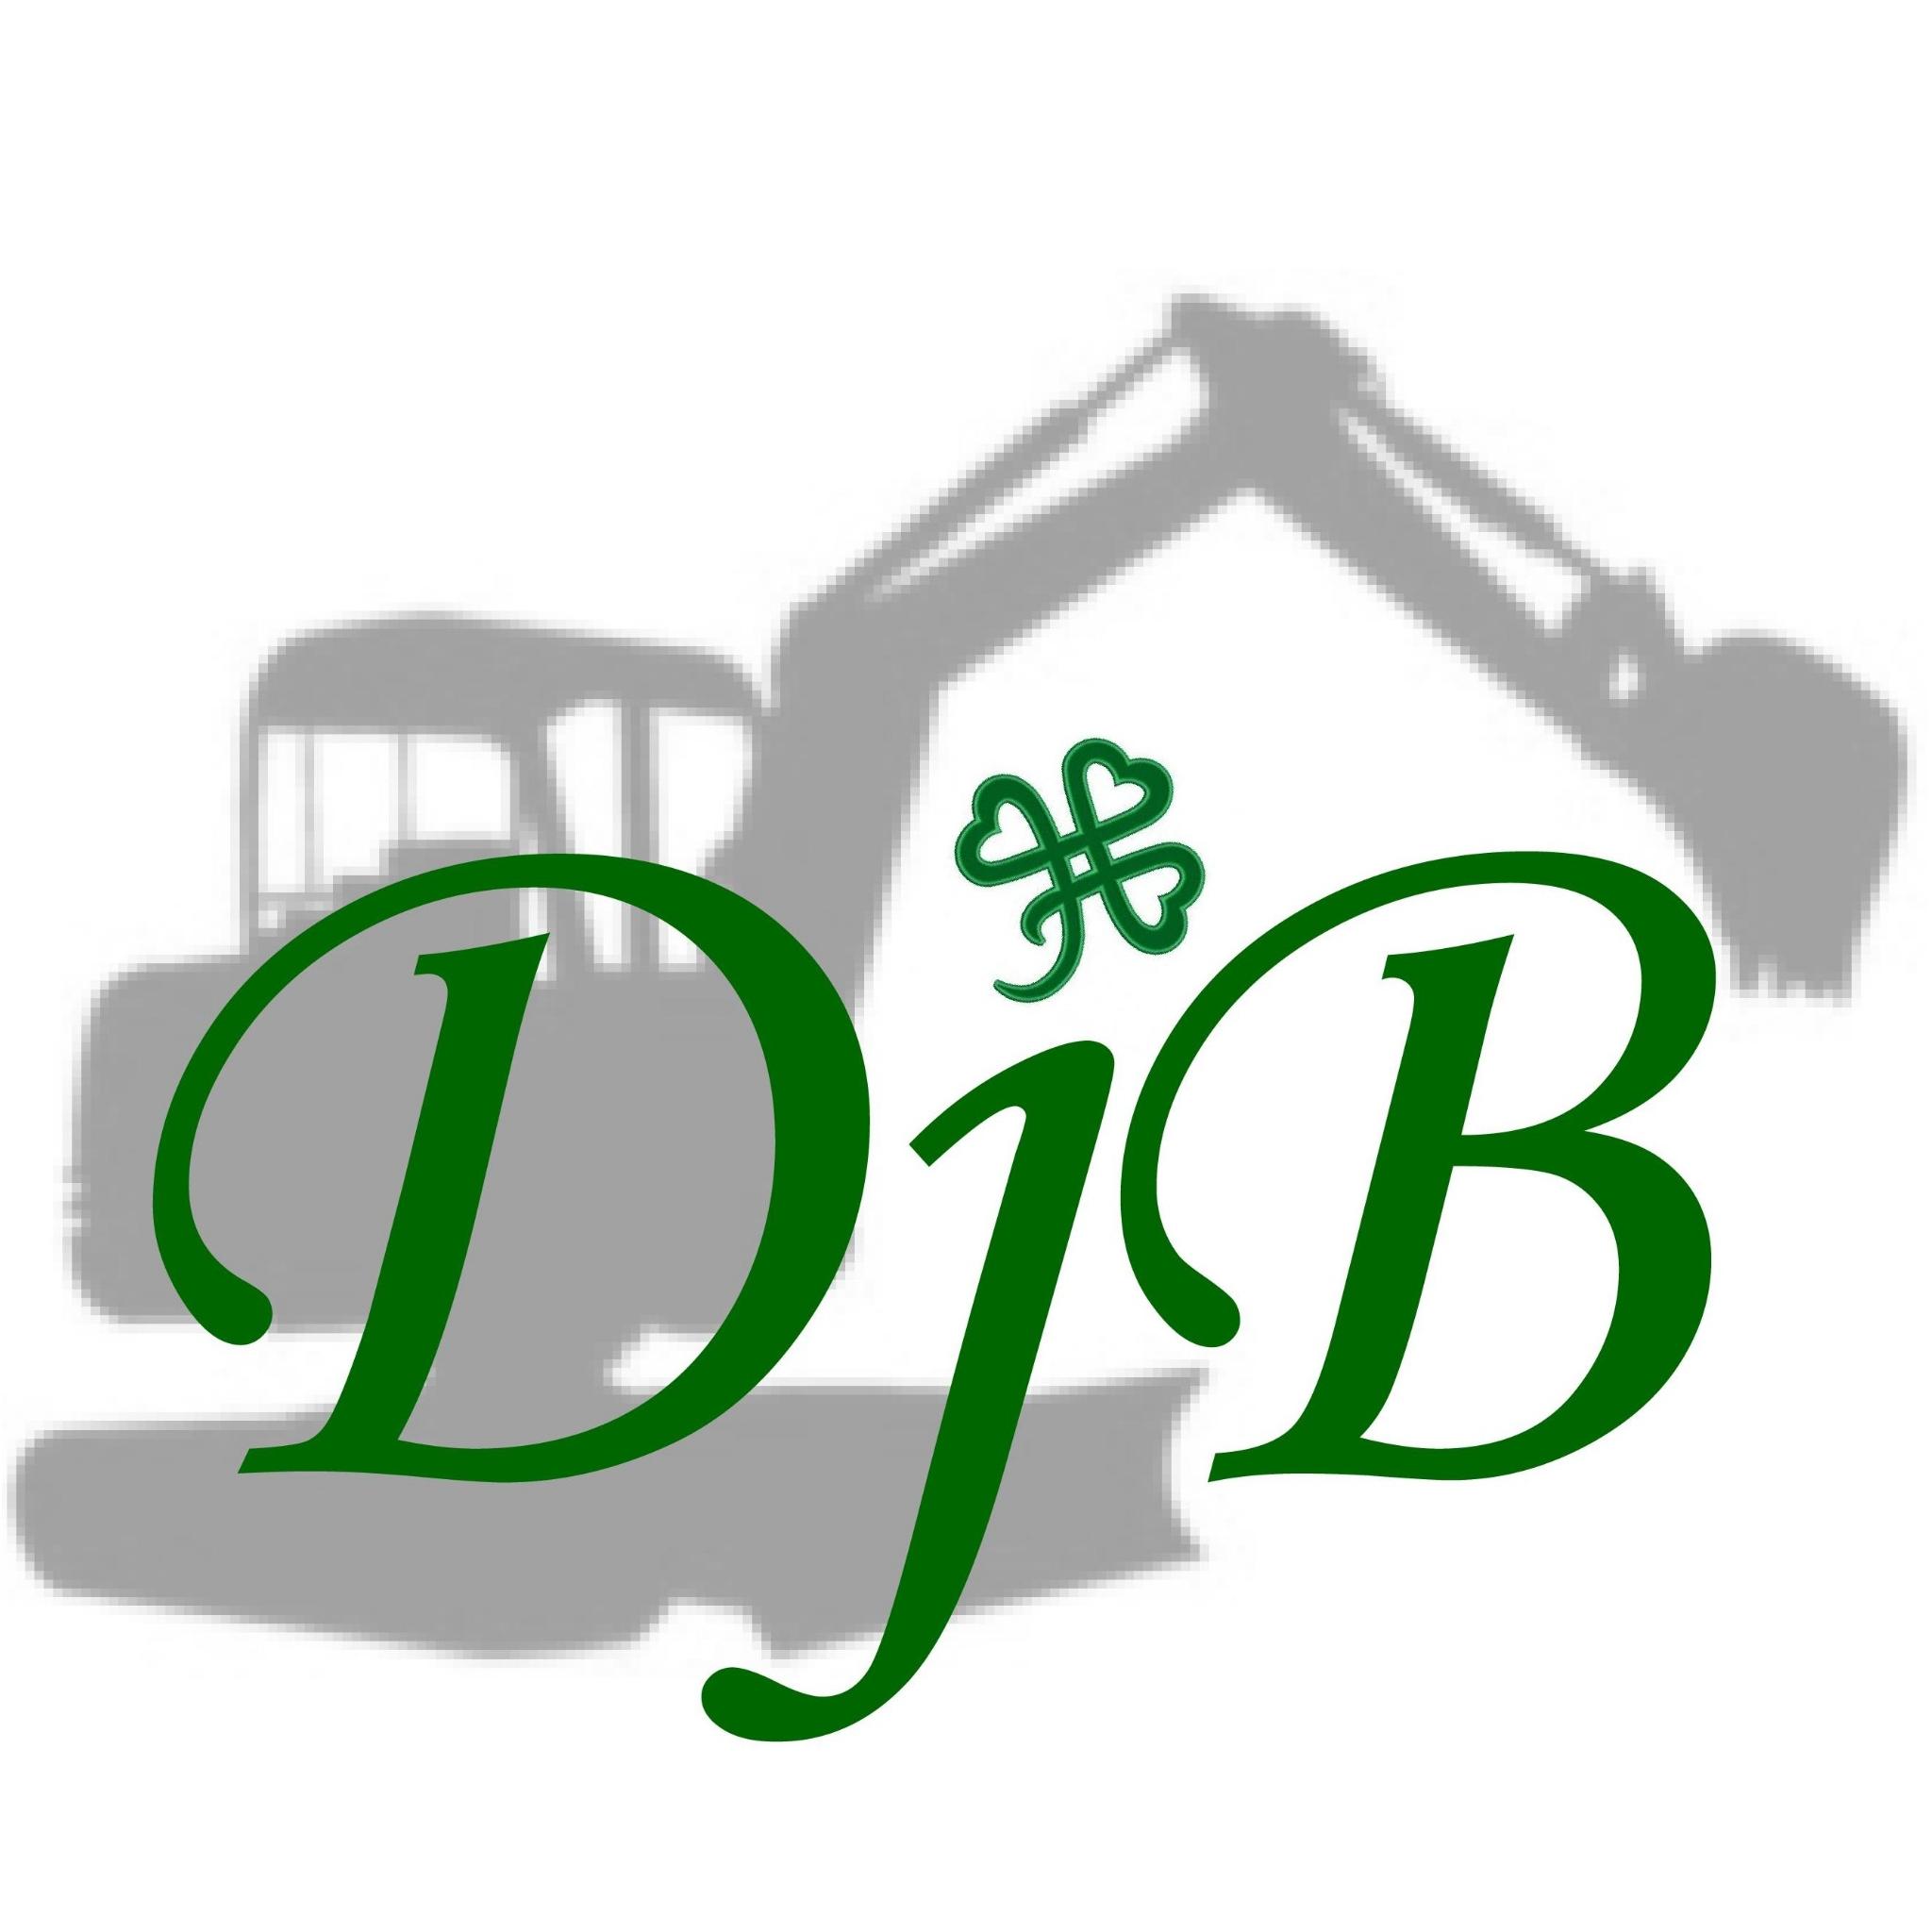 DJB Earthworks